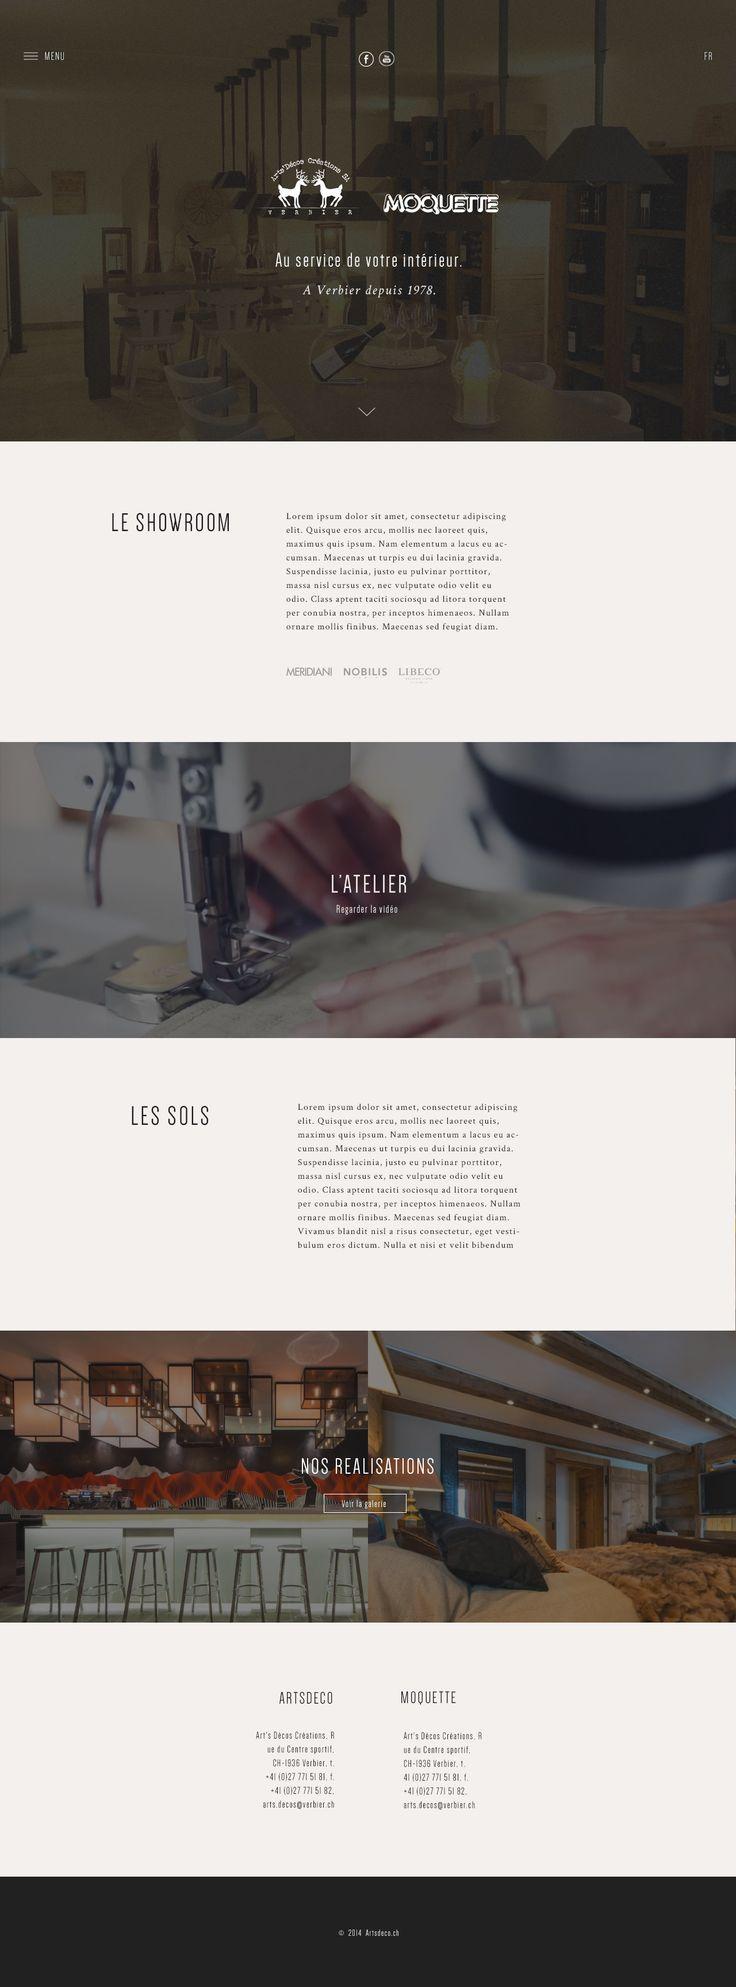 identité digitale | stratégie digitale | webdesign | boutique artsdeco | vidéo promotionnelle | Verbier #digitalidentity #digitalstrategy #webdesign #verbier #lausanne